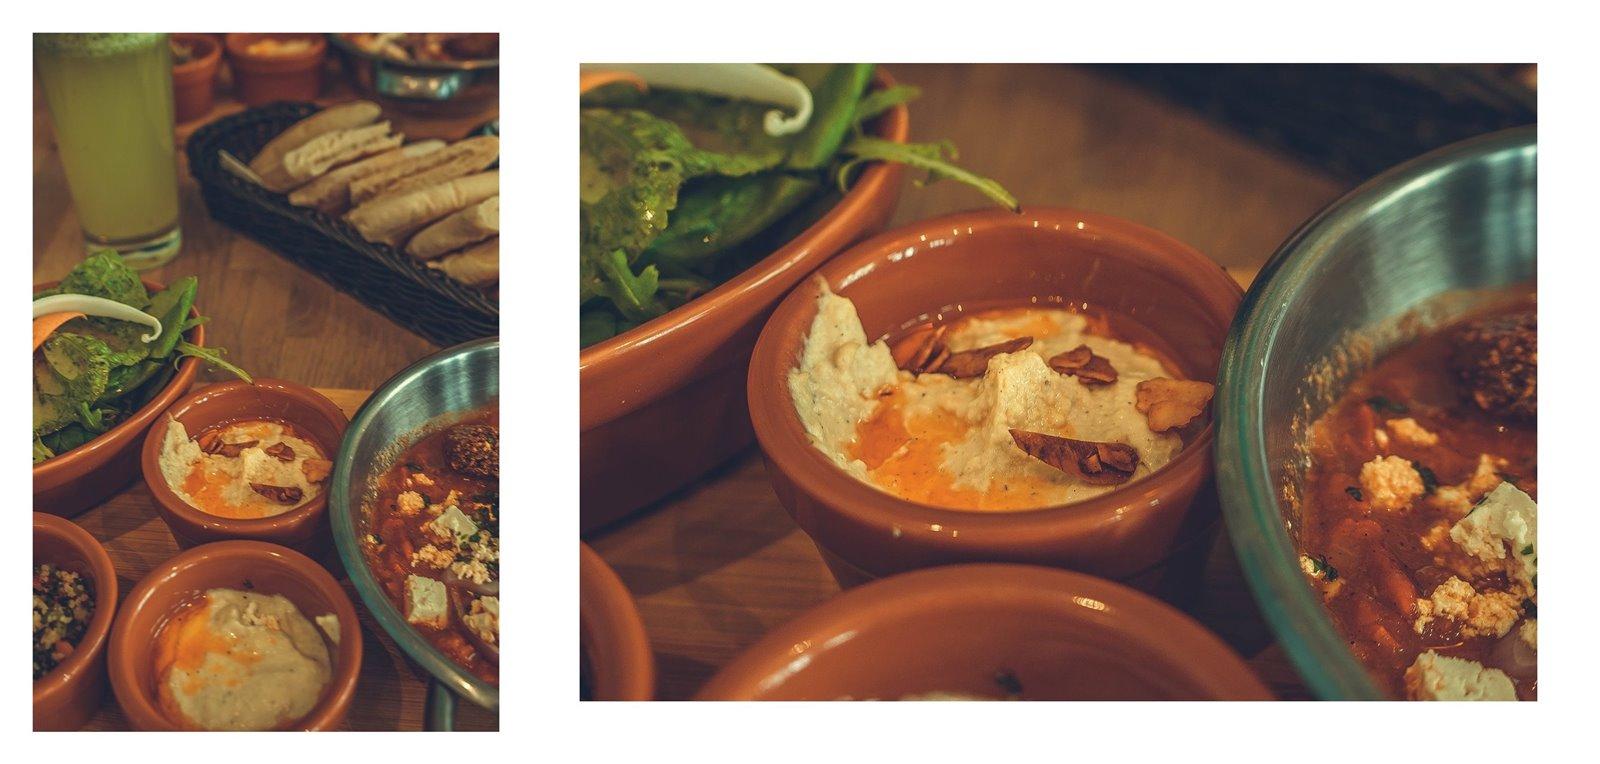 2a telaviv urban foods co zjeść w łodzi śniadania w warszawie bezmięsna kuchnia izraelska smaki izraela gdzie zjeść dobry hummus fallafell